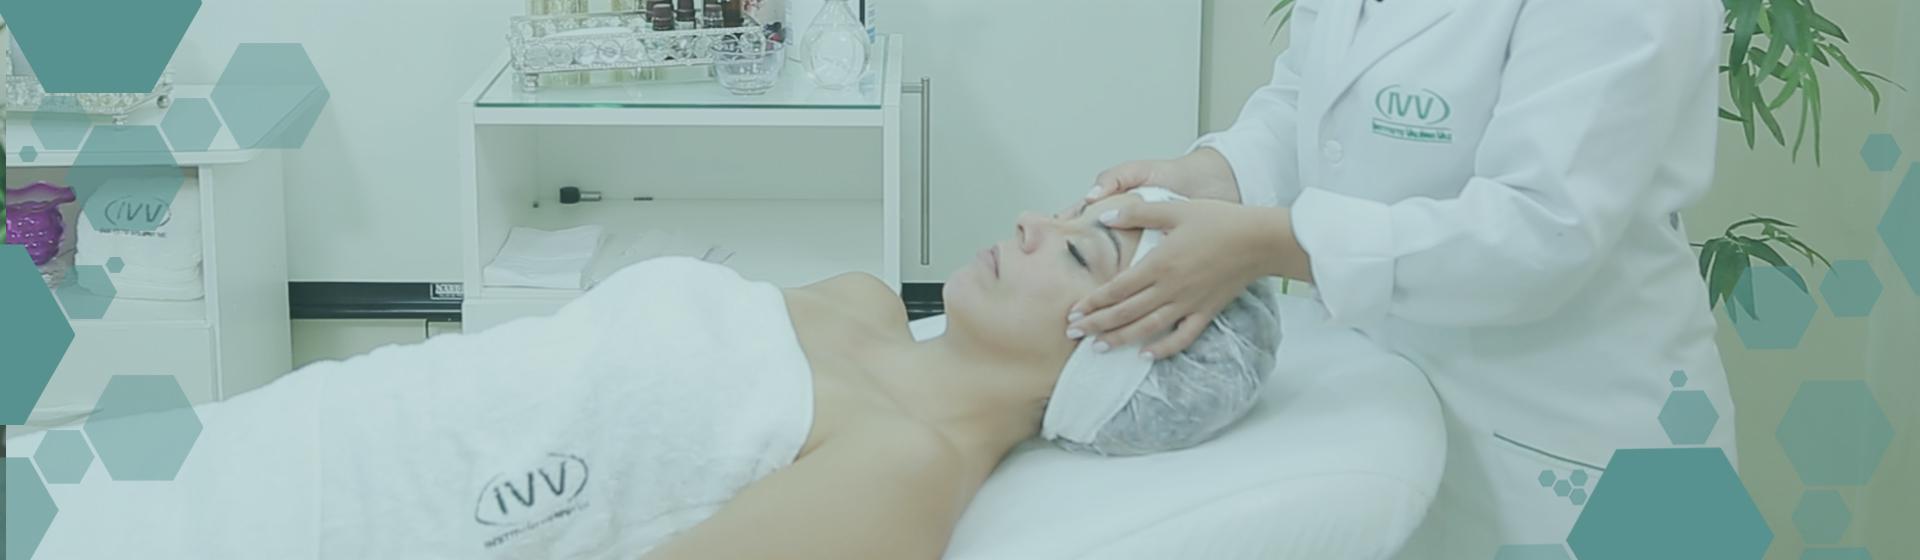 Massagem relaxante 2